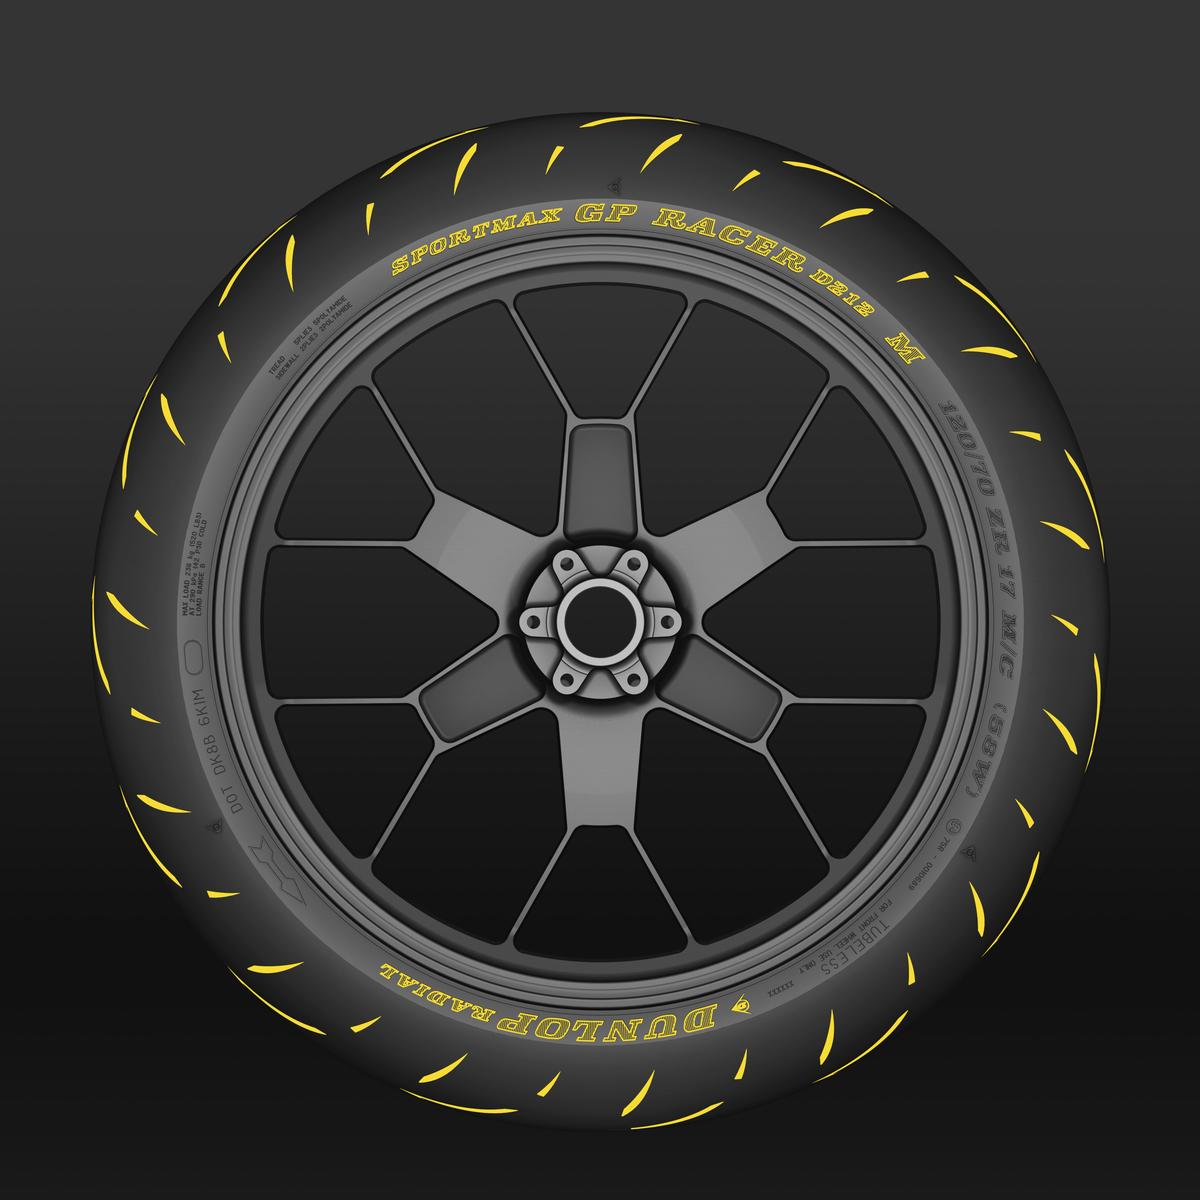 novi moto pneumatik dunlop gp racer d212 je pogodan kako. Black Bedroom Furniture Sets. Home Design Ideas